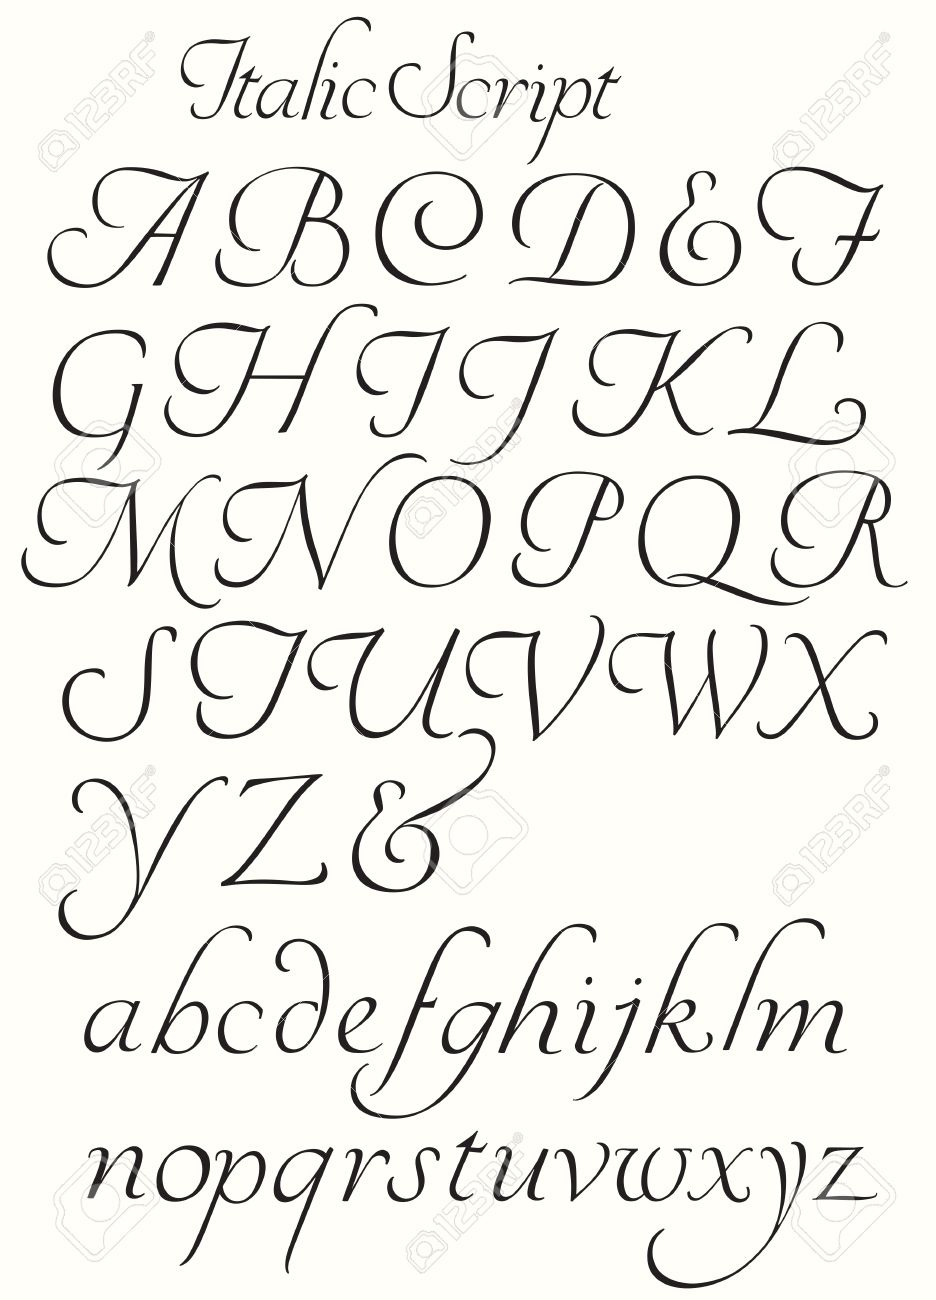 Italiques Script Alphabet Majuscules Et Minuscules. Lettres Décoratives À  Utiliser Pour Les Bouchons Titres De Chute, Etc. intérieur L Alphabet En Majuscule